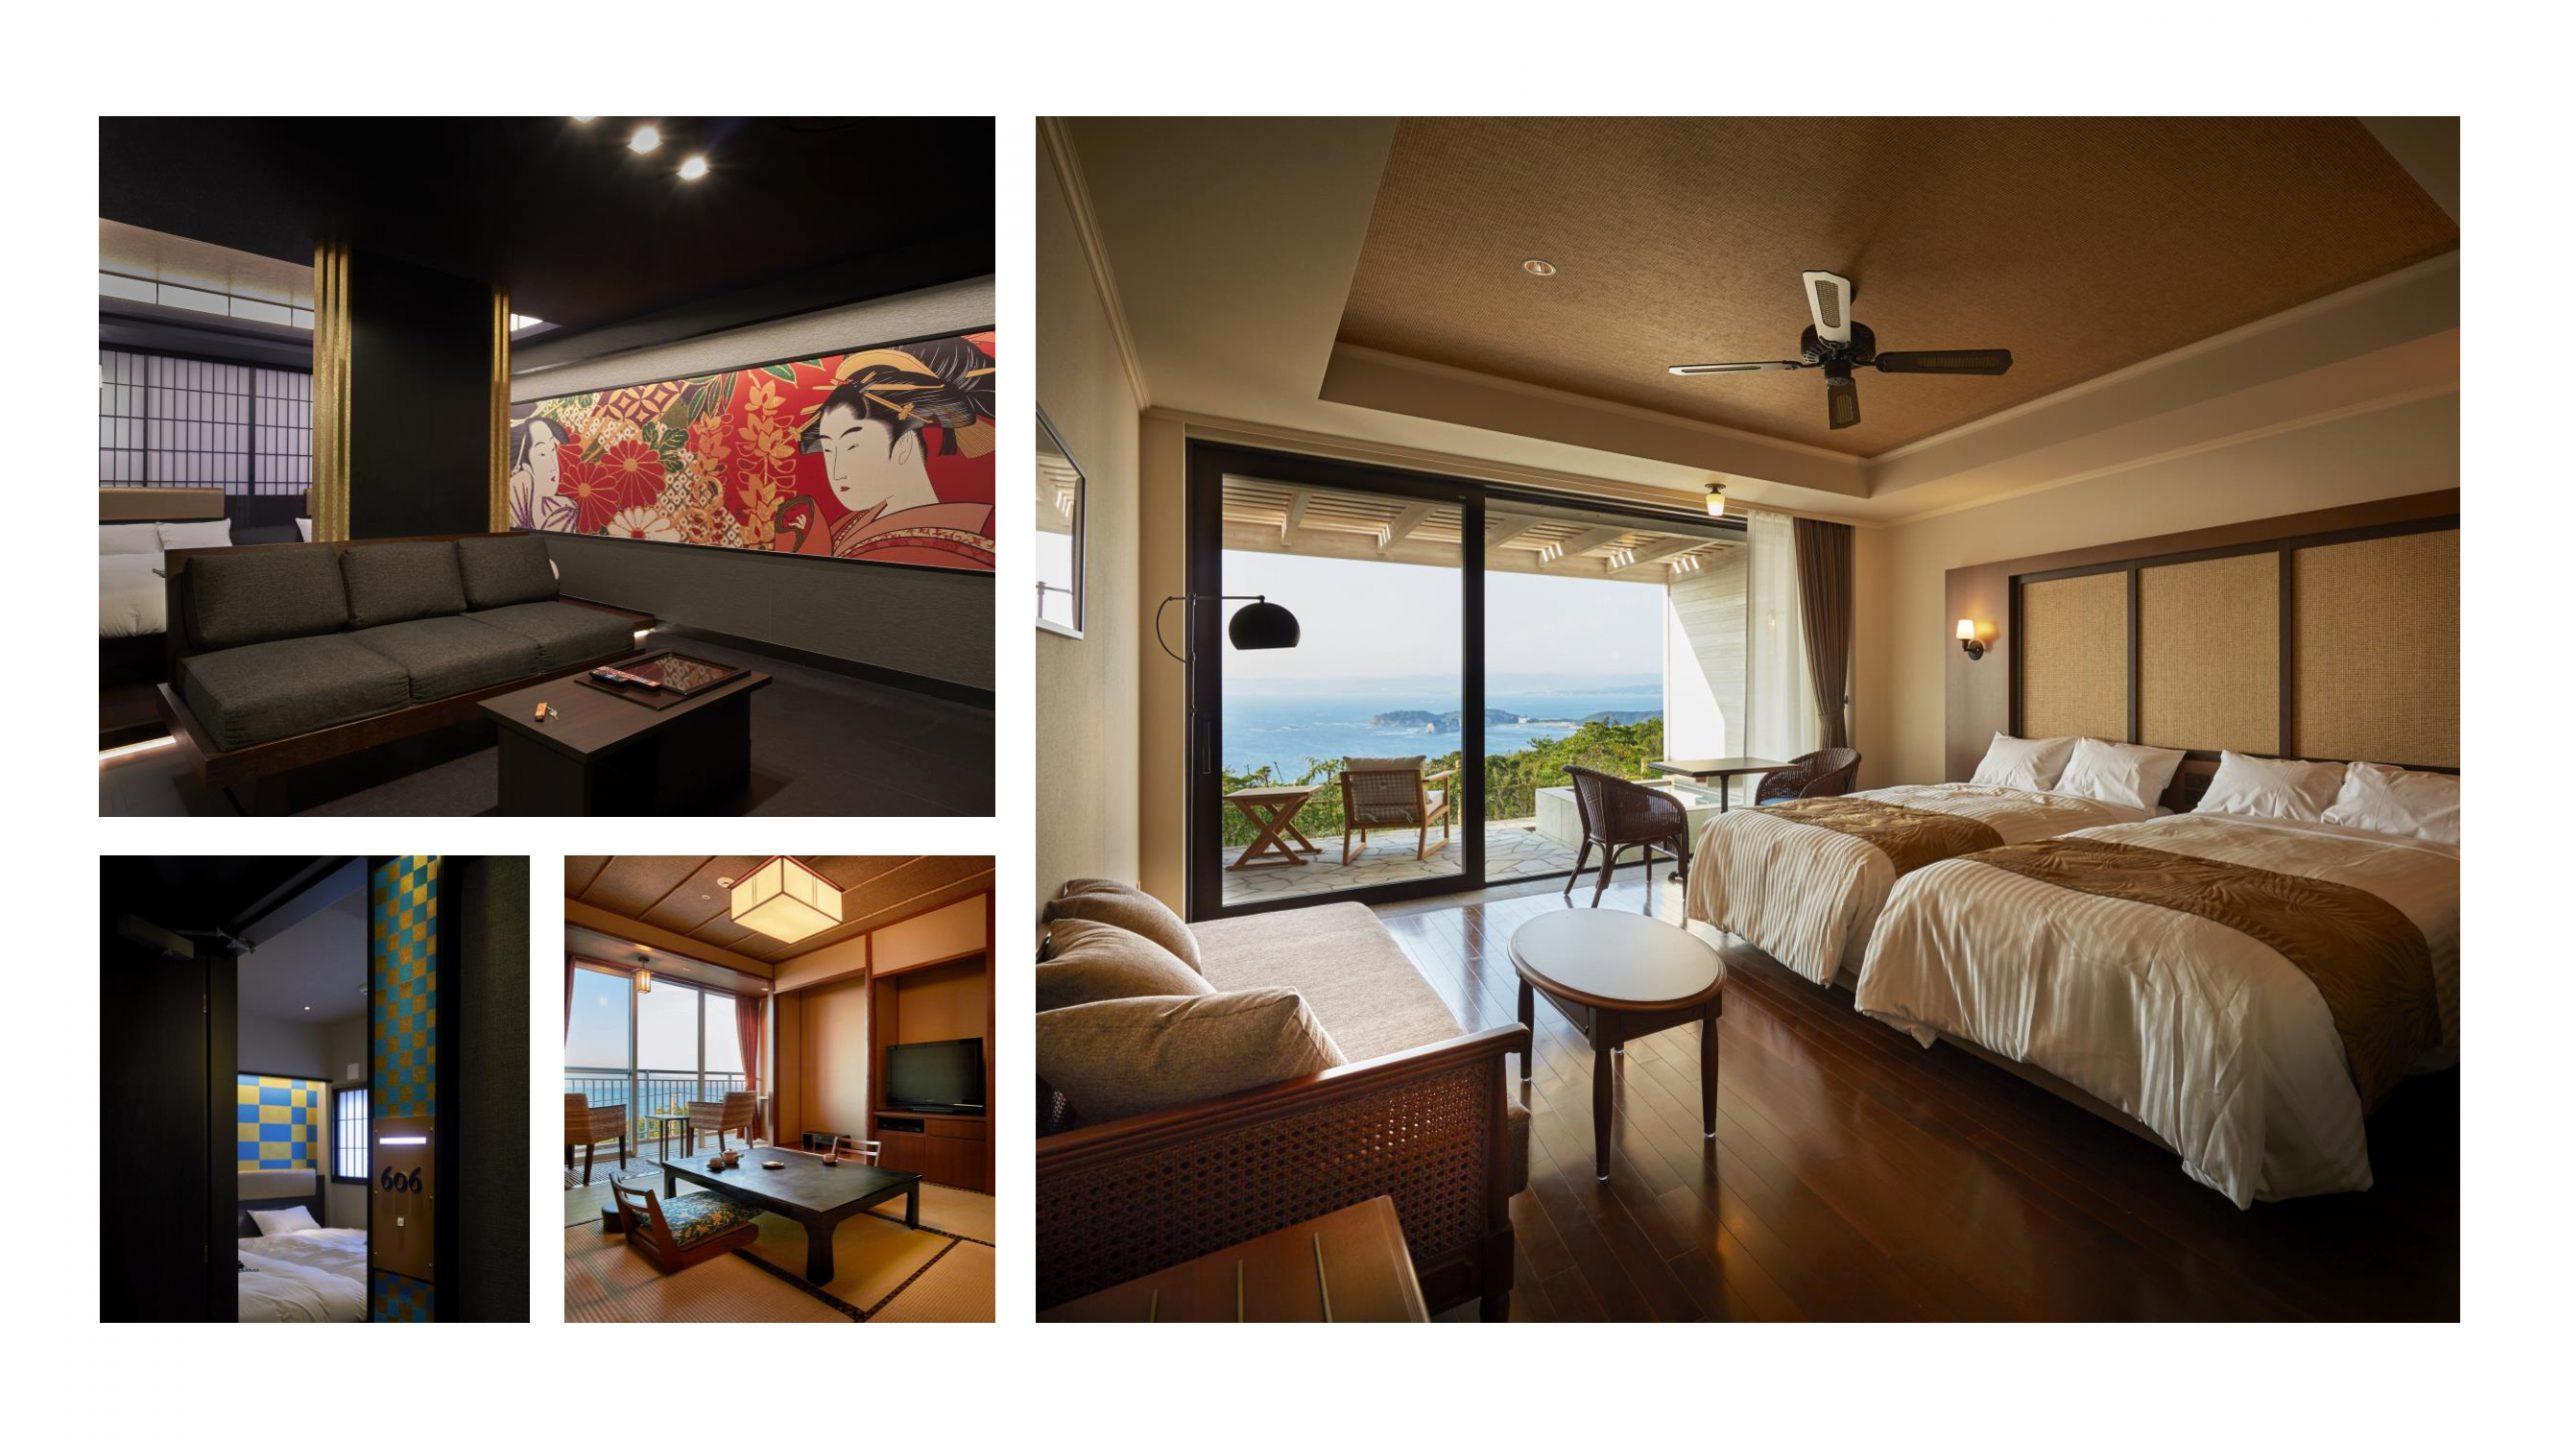 客室の内装と広さを最適化